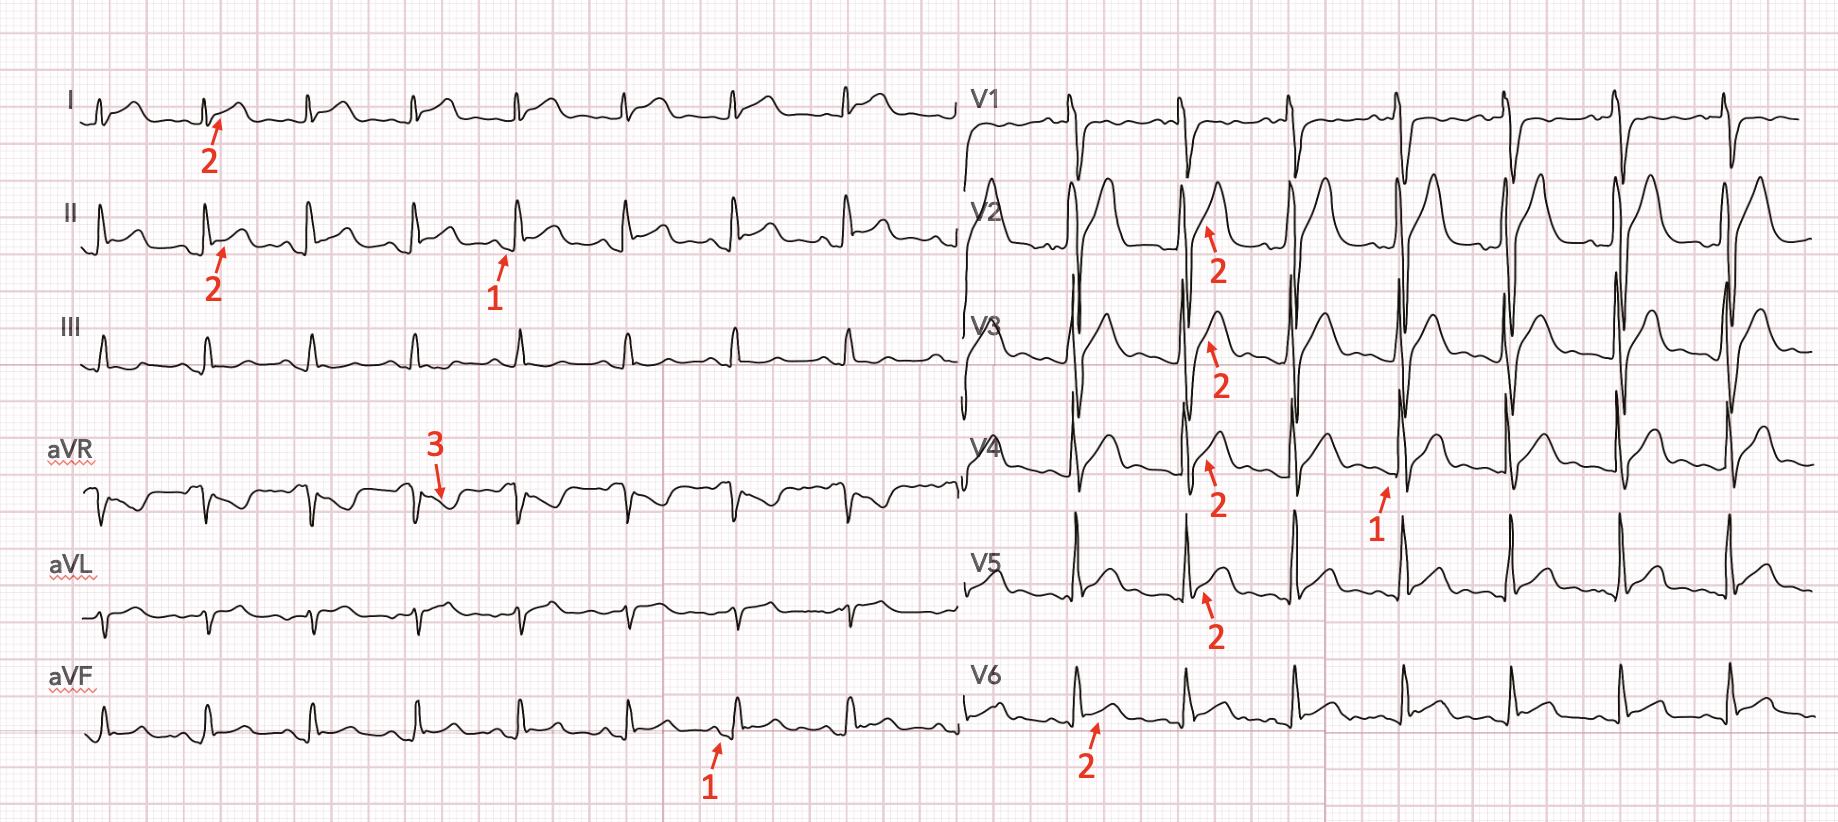 Péricardite : inflammation du péricardite, troubles diffus, 1 : PQ descendant, 2 : Sus décalage ST ascendant concave, 3 : miroir isolé en aVR